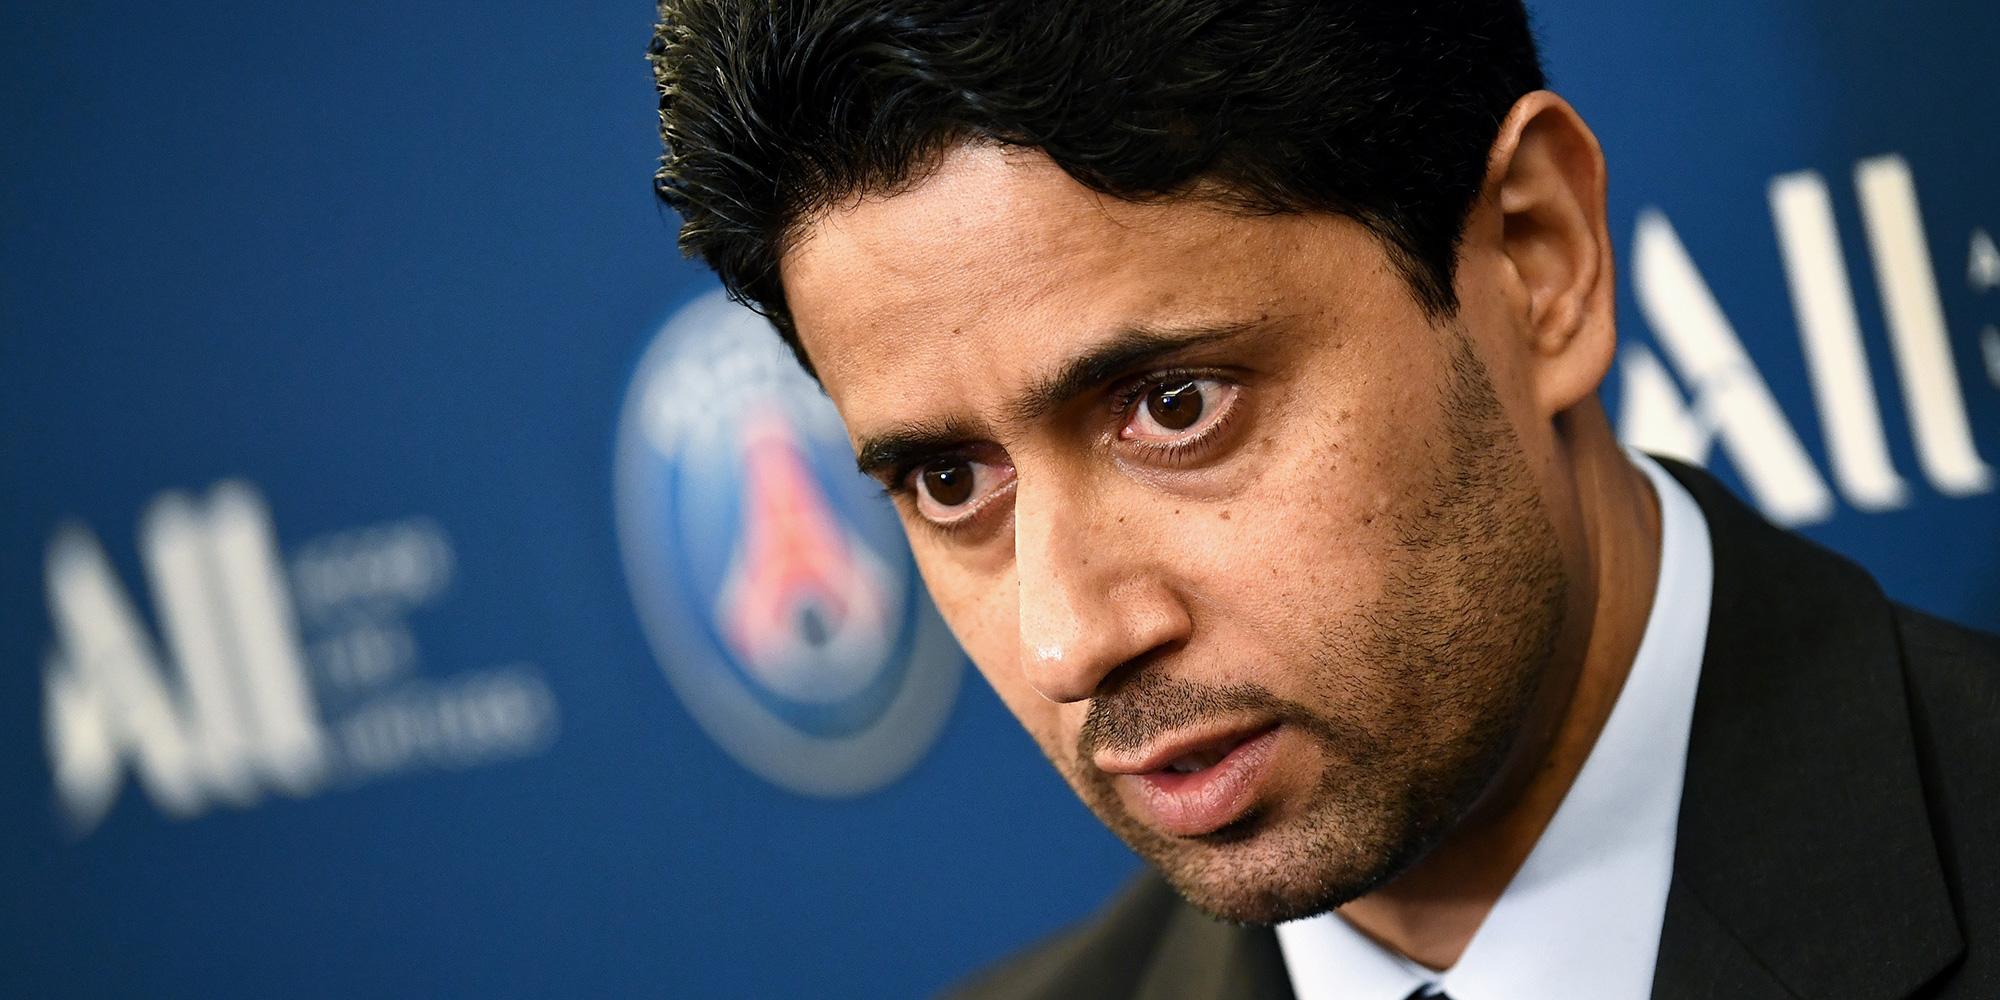 Pourquoi le président du PSG Nasser Al-Khelaïfi est inculpé dans une affaire de corruption